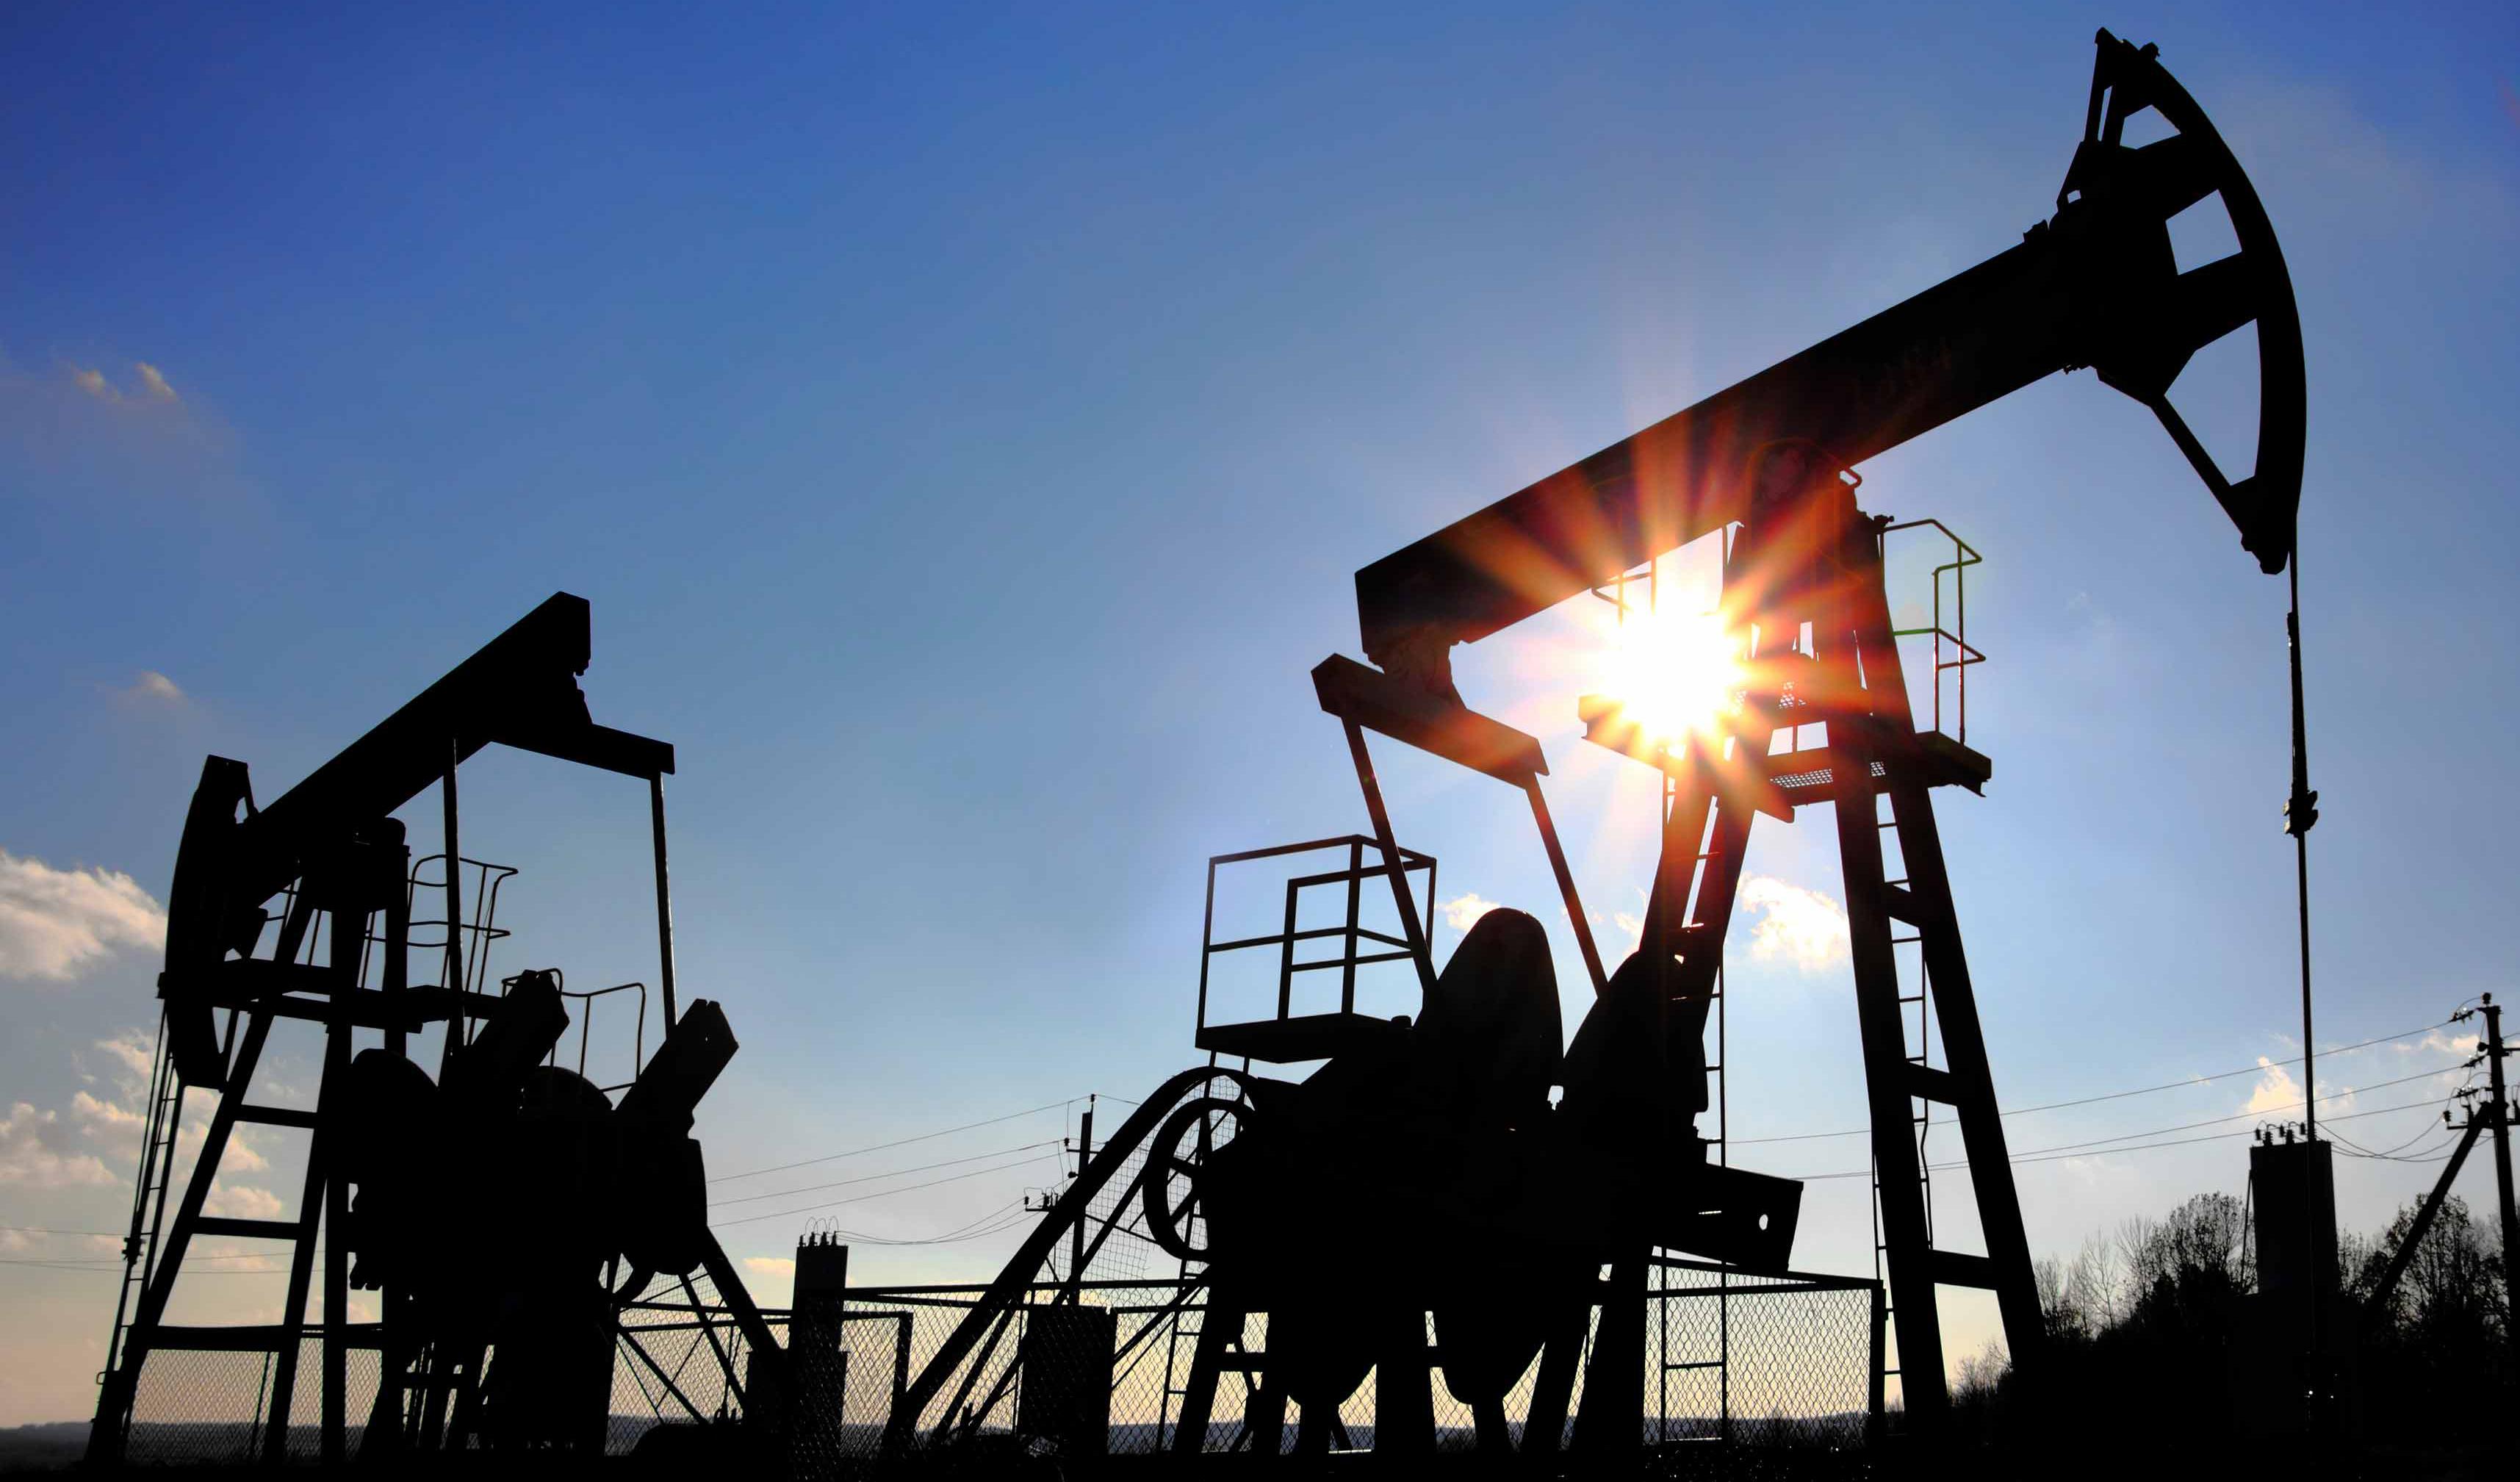 تقاضای نفت در نیمه دوم سال ۲۰۲۱ به پیش از شیوع کرونا میرسد